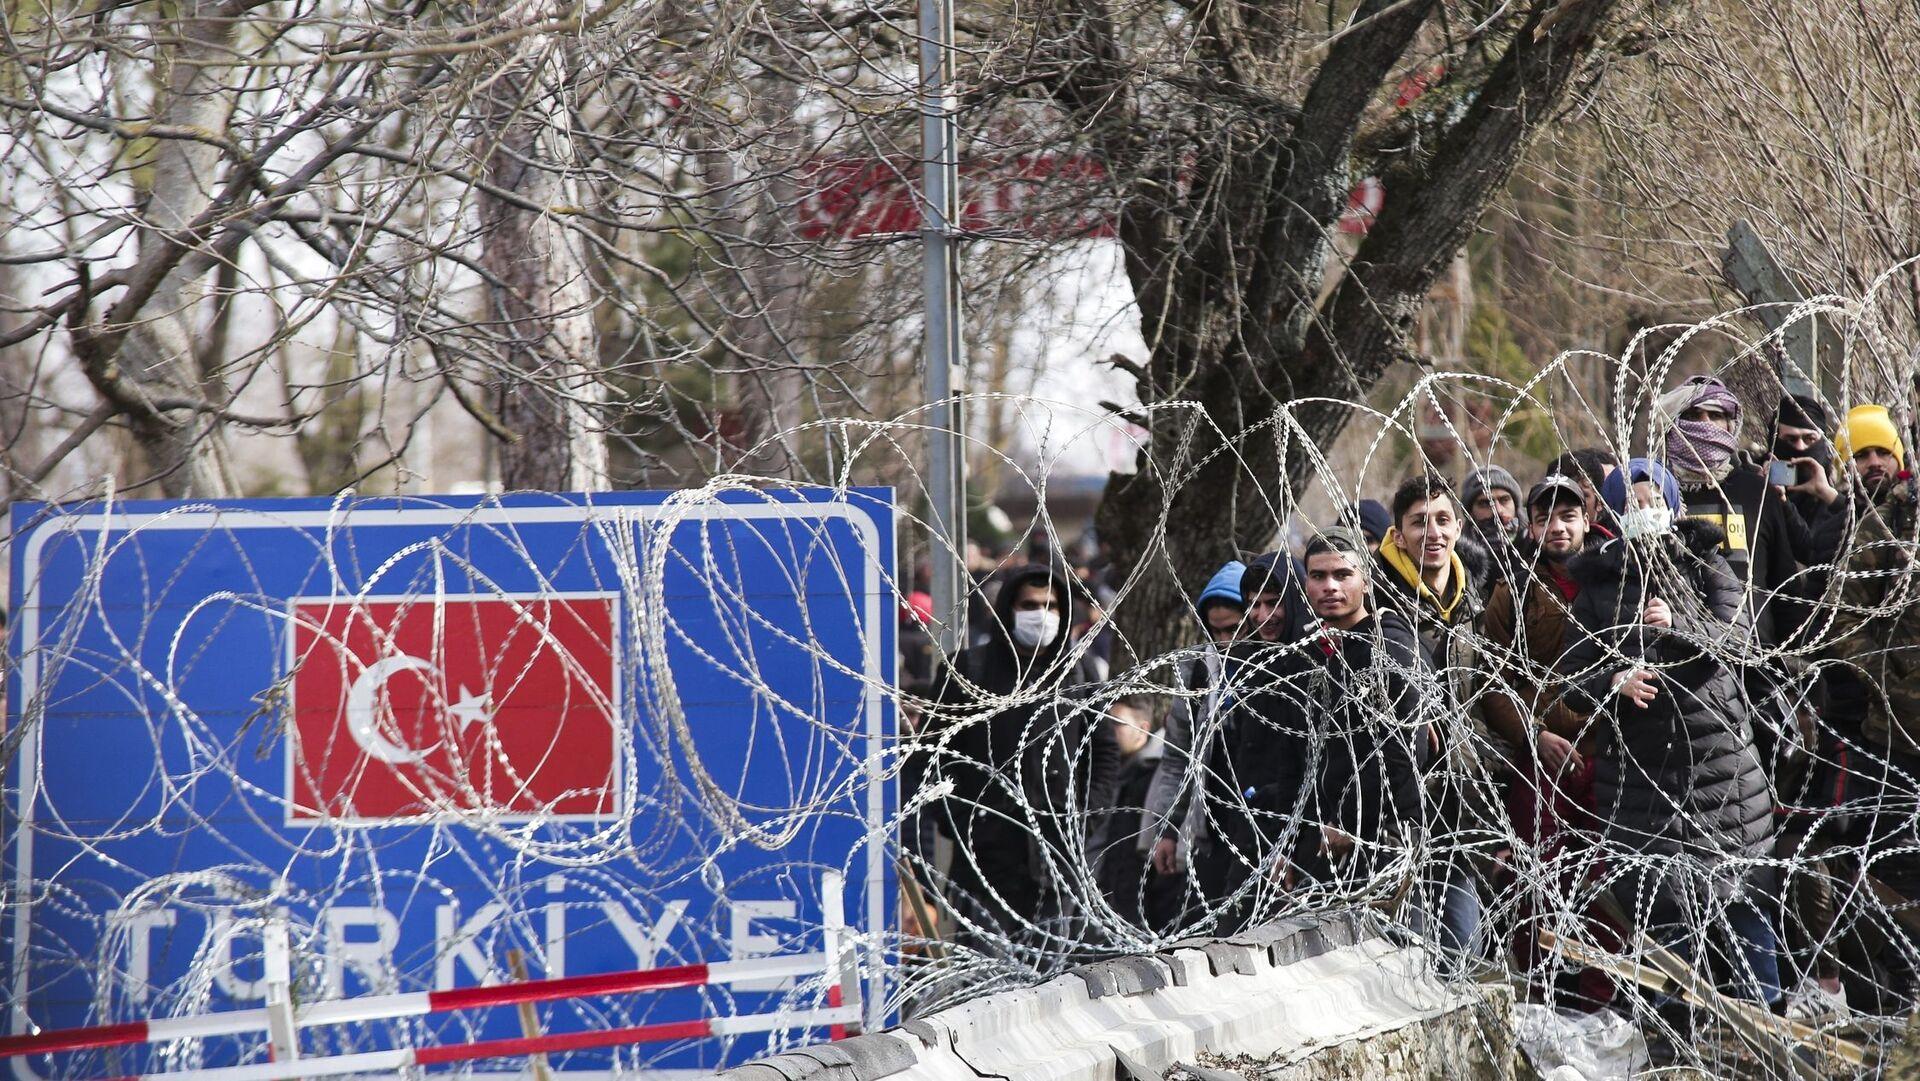 Μετανάστες βρίσκονται συγκεντρωμένοι στις Καστανιές Έβρου, στη συνοριογραμμή Ελλάδας - Τουρκίας - Sputnik Ελλάδα, 1920, 11.10.2021